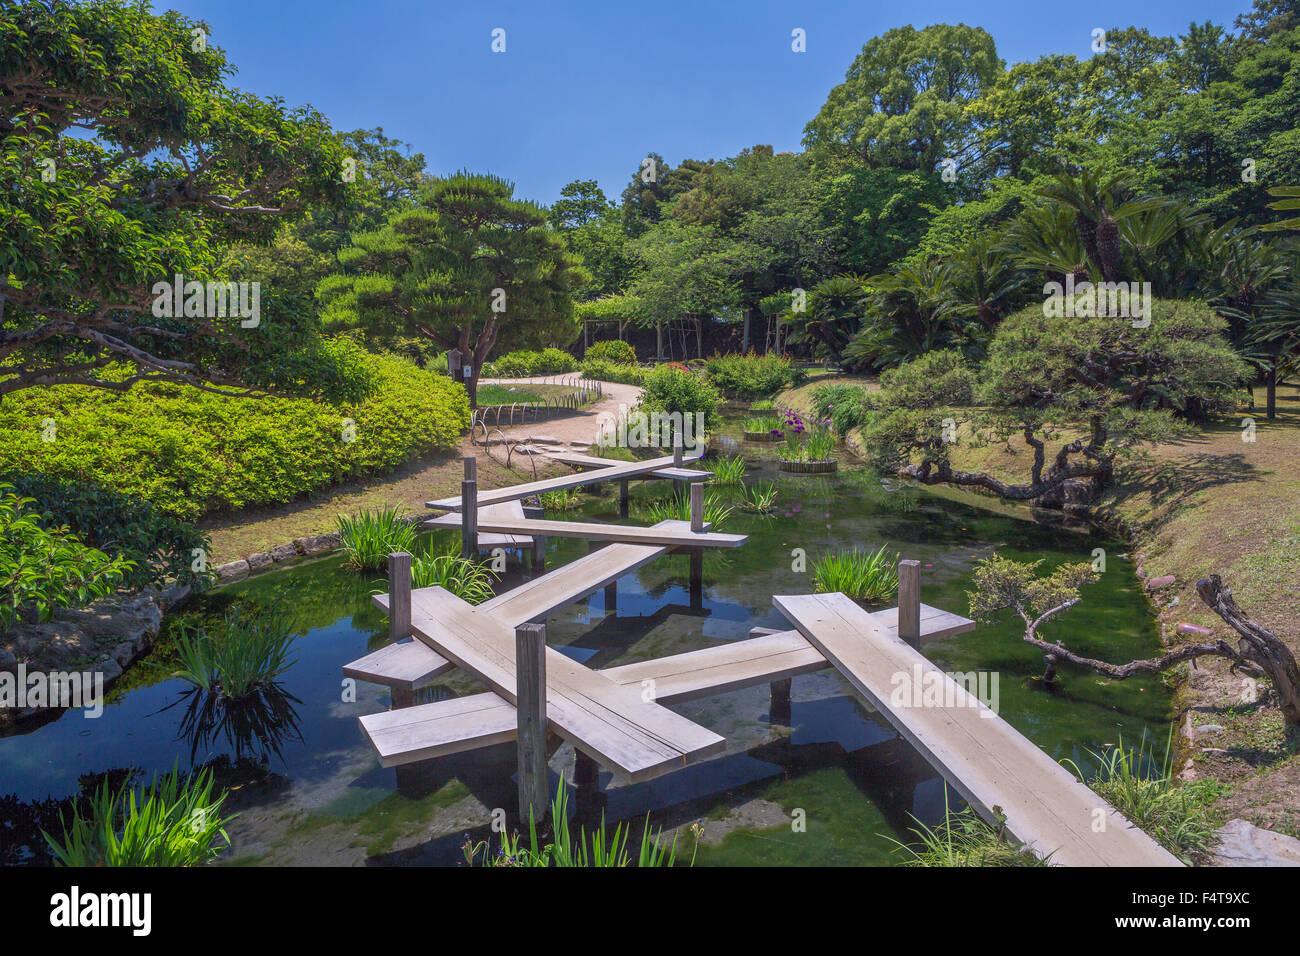 Japan, Okayama, Korakuen Garden bridge - Stock Image